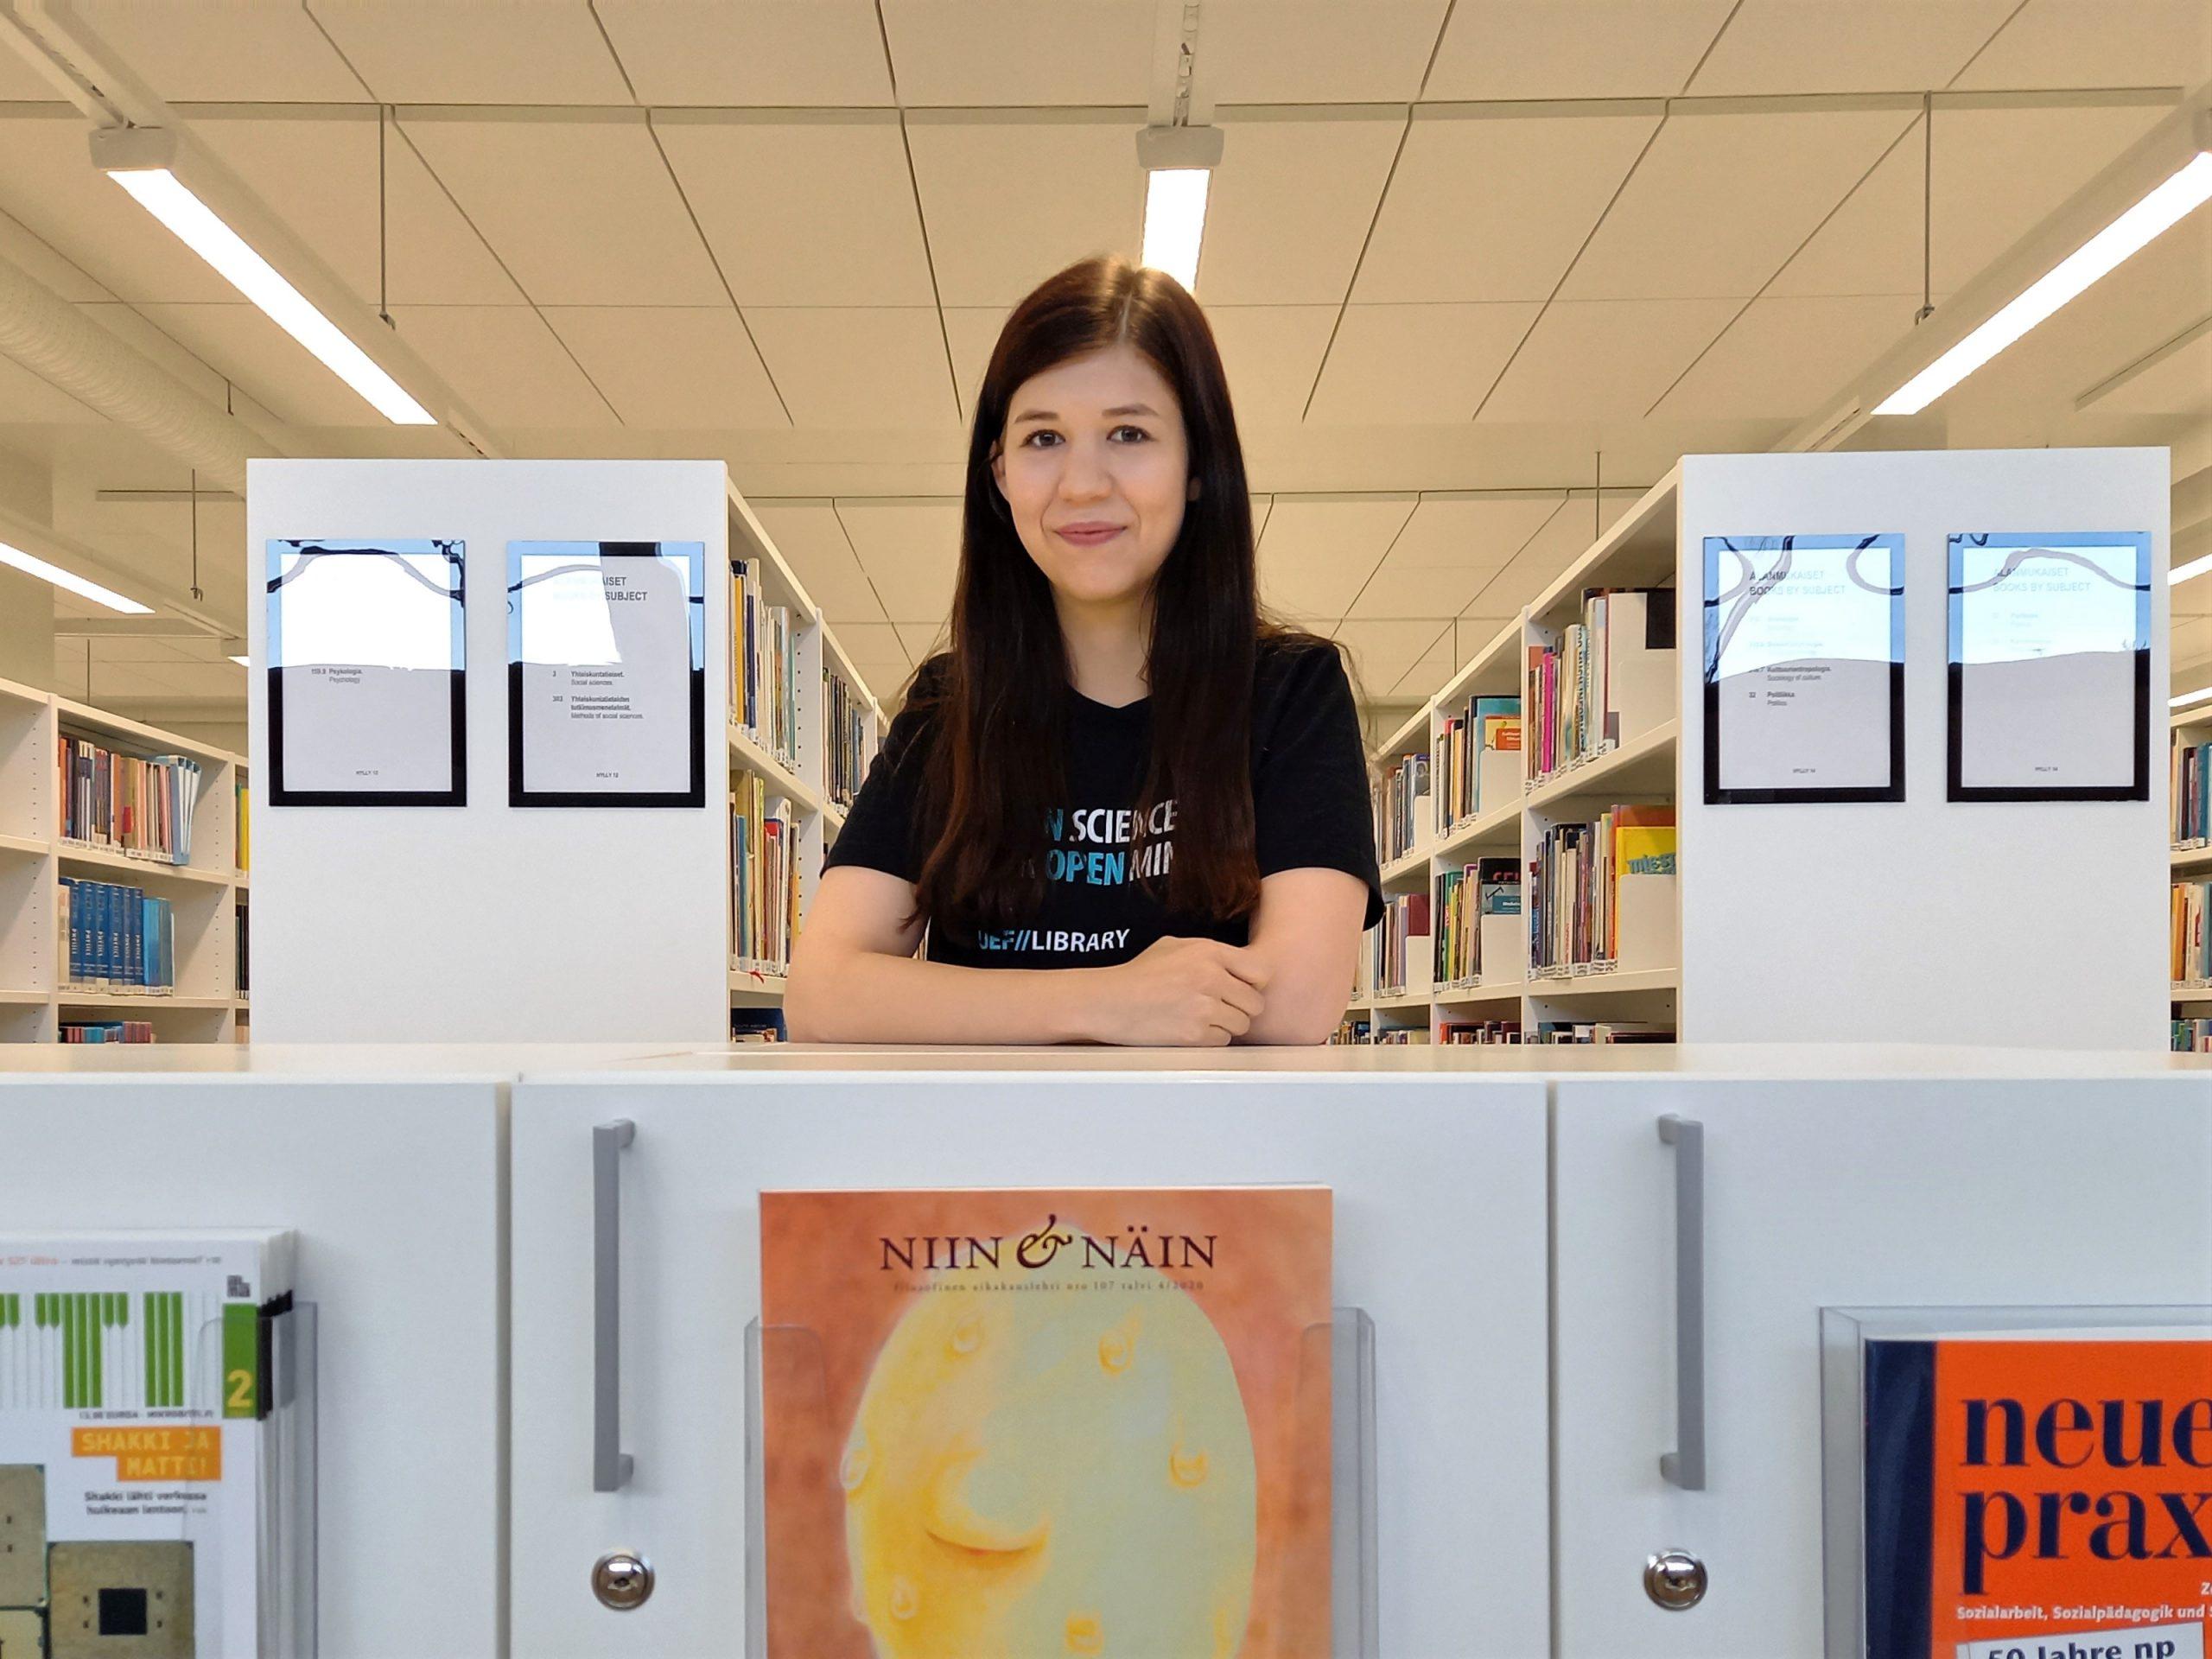 Kirjahyllyjä, lehtiä, Marjut yllään kirjaston t-paita. Book shelves, journals, Marjut wearning library t-shirt.